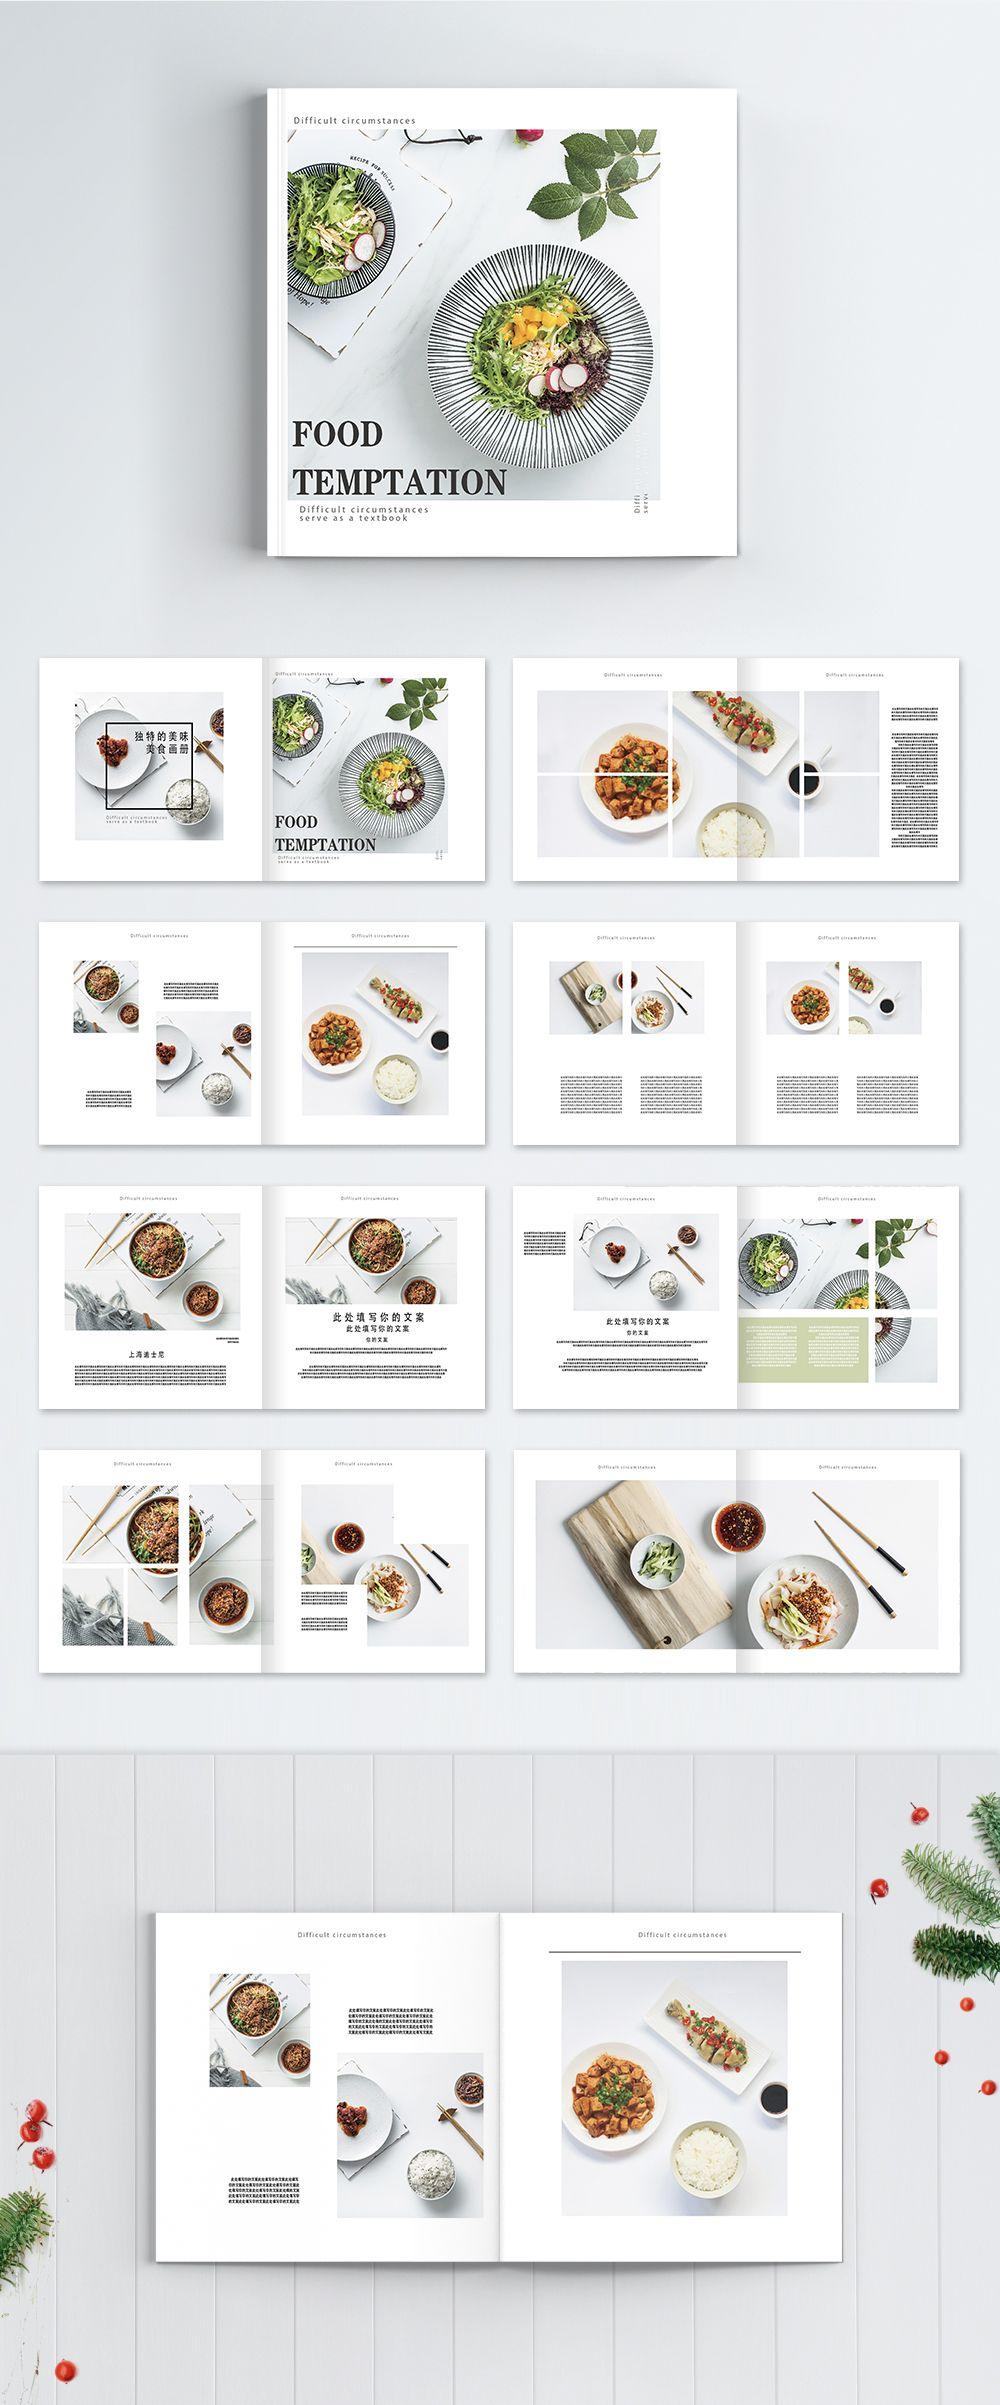 간단한 음식 앨범 간단한 간단한 분위기 생활 외식 식당 메뉴 식품 앨범 디자인 음식 갤러리 앨범 설정 템플릿 음식 Template Design Create Website Free Design